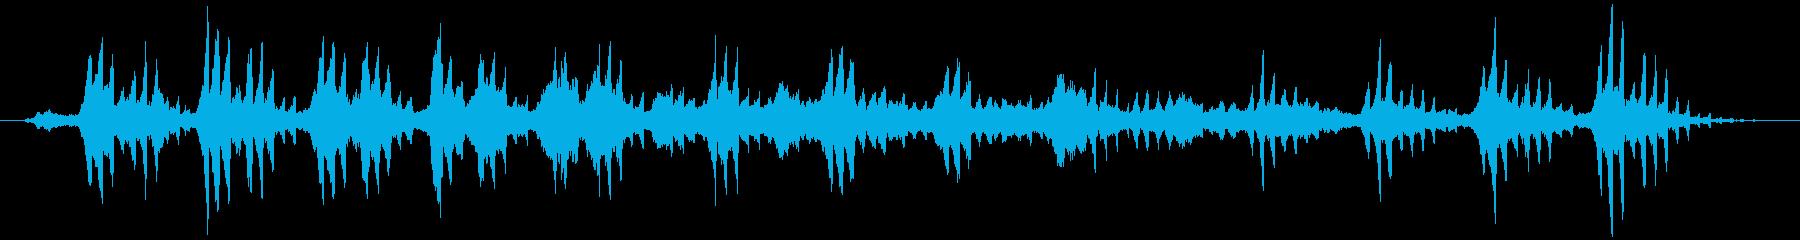 無調的な印象を持つアンビエント系BGMの再生済みの波形